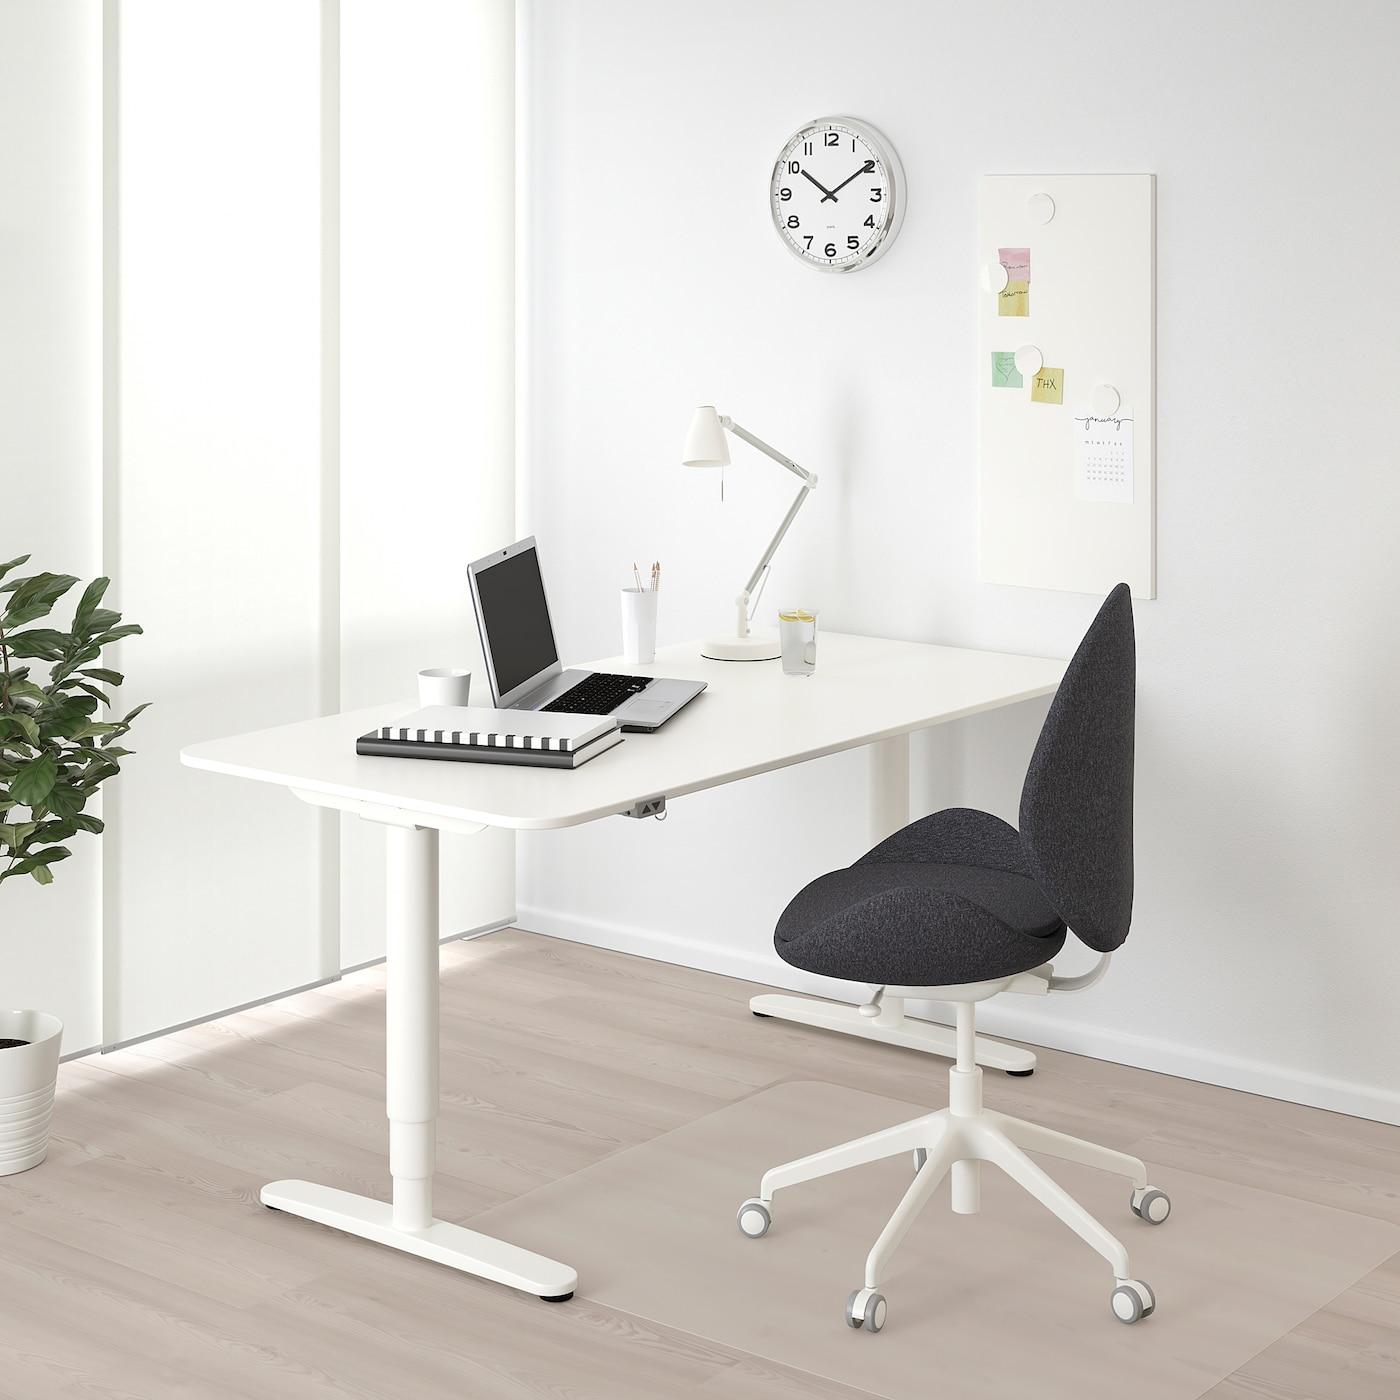 БЕКАНТ стіл регульований білий 160 см 80 см 65 см 125 см 70 кг